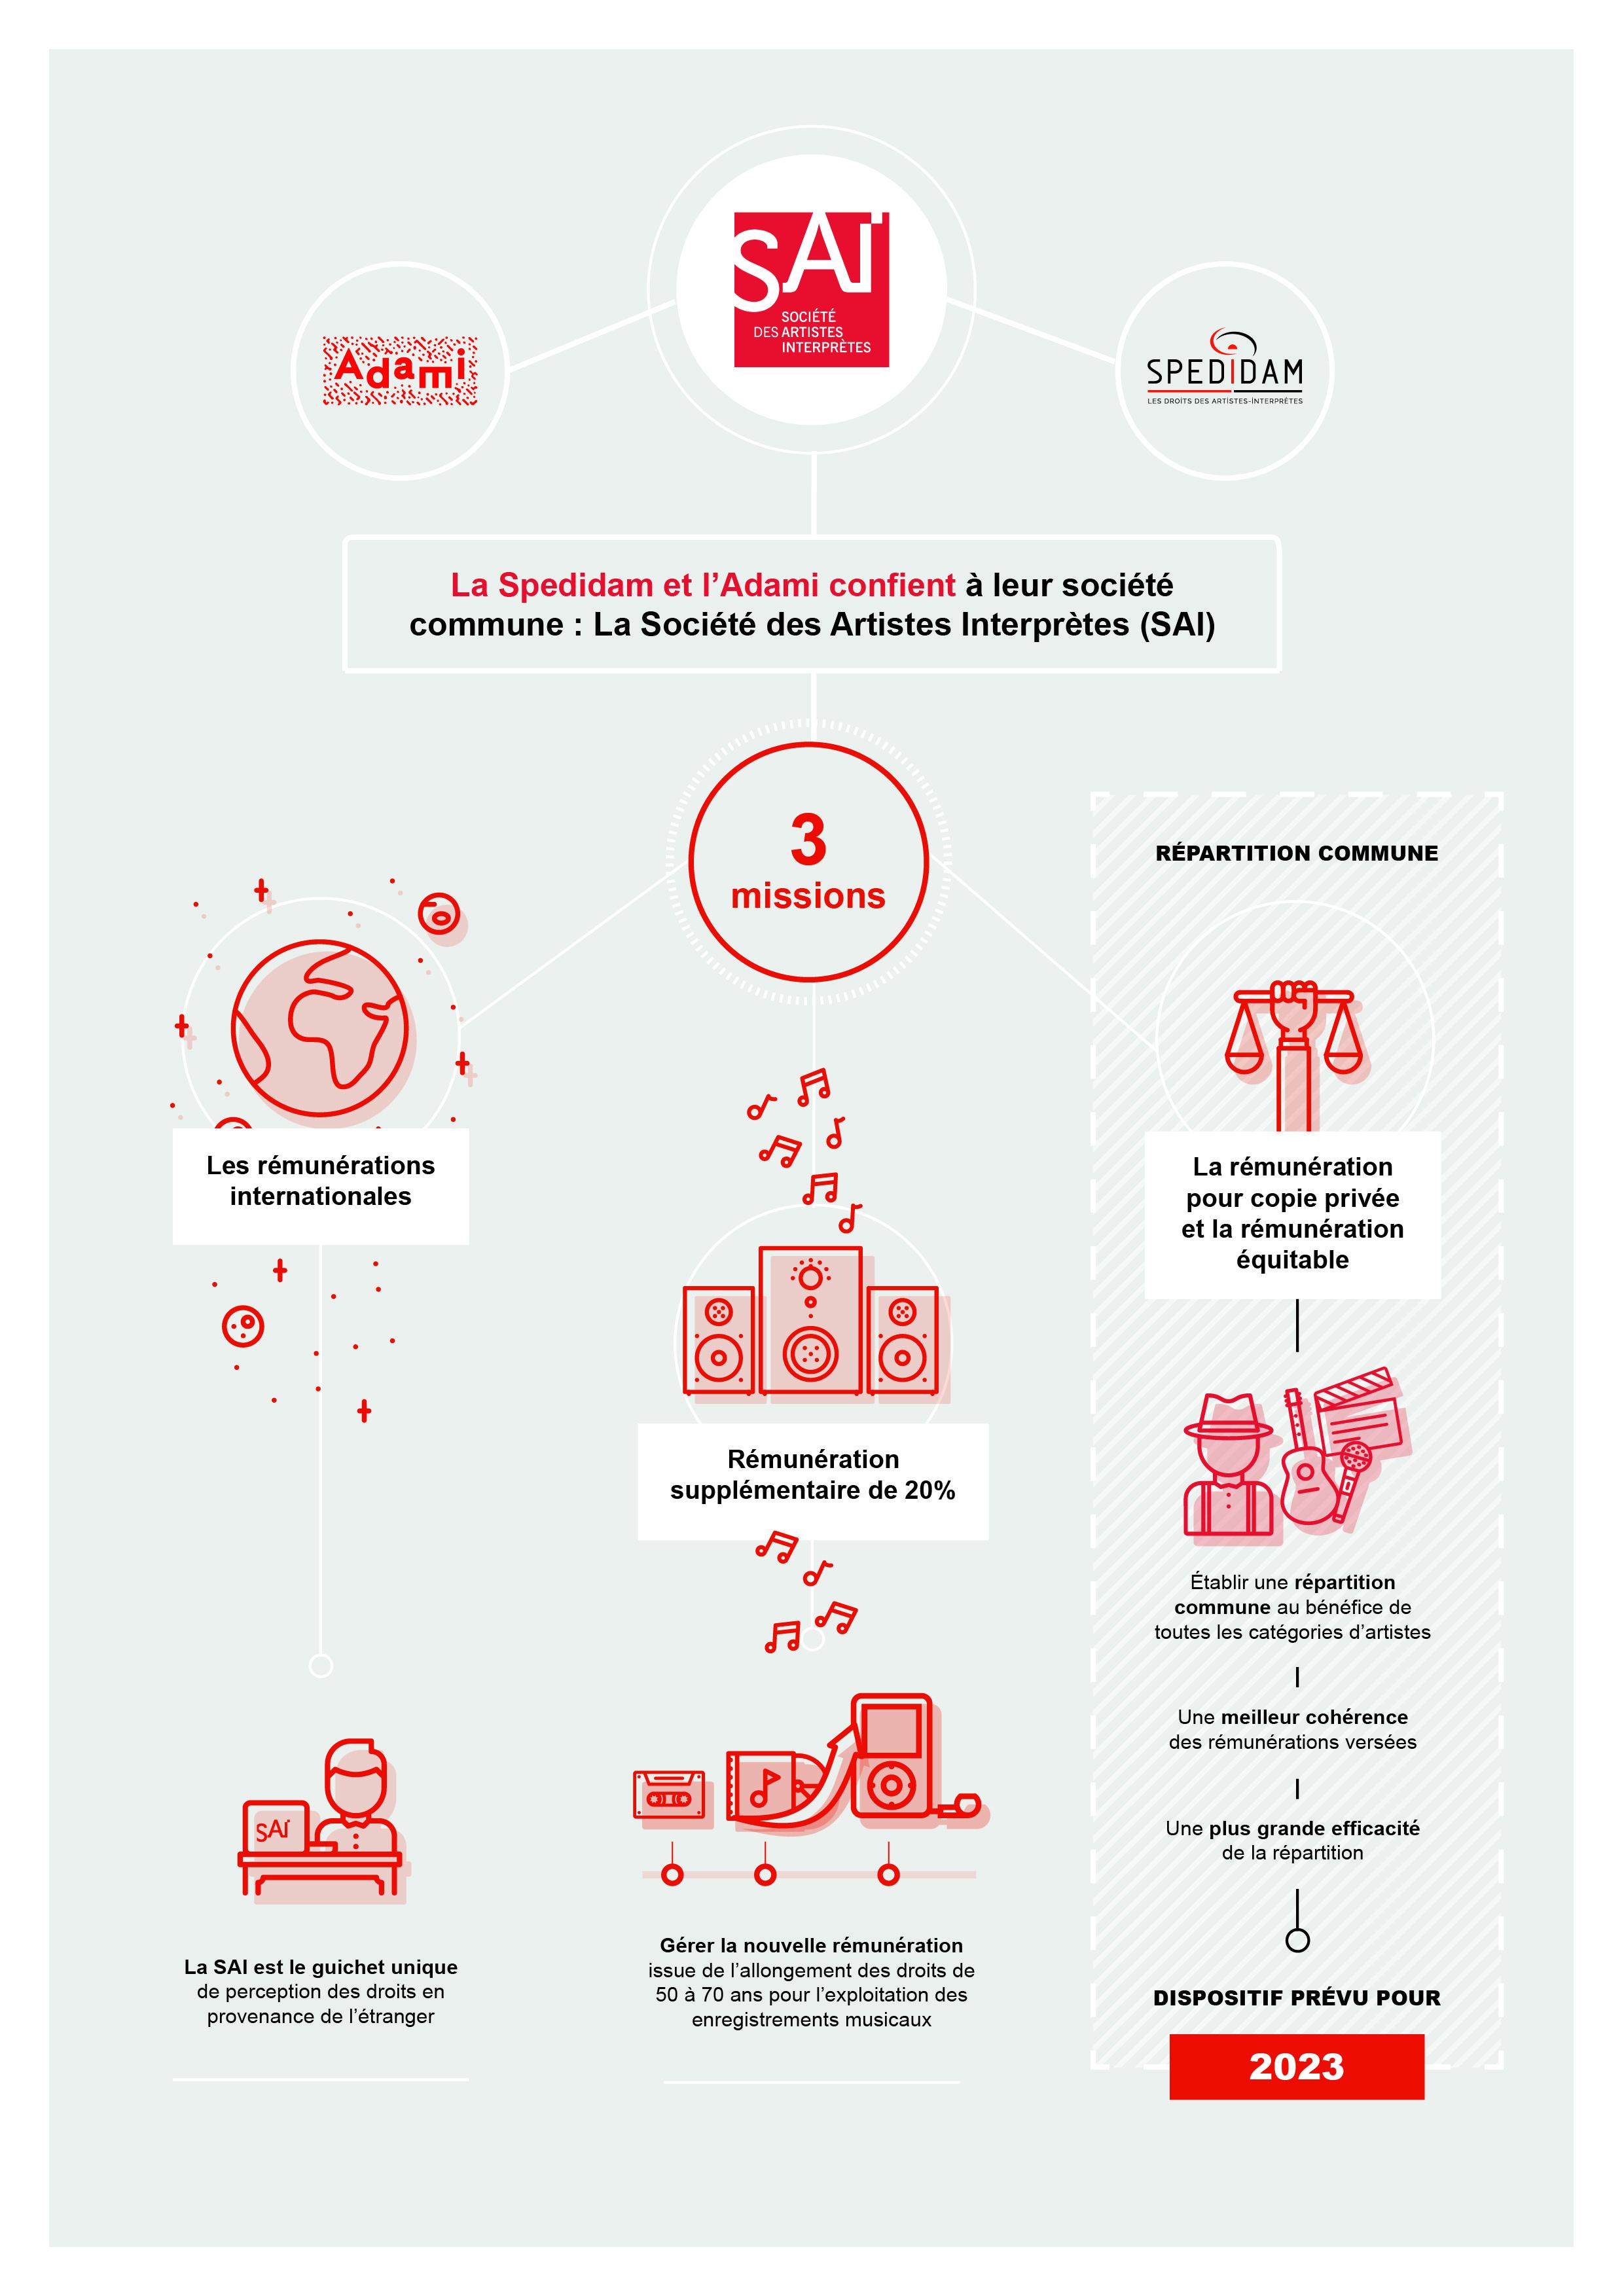 Infographie présentation de la SAI